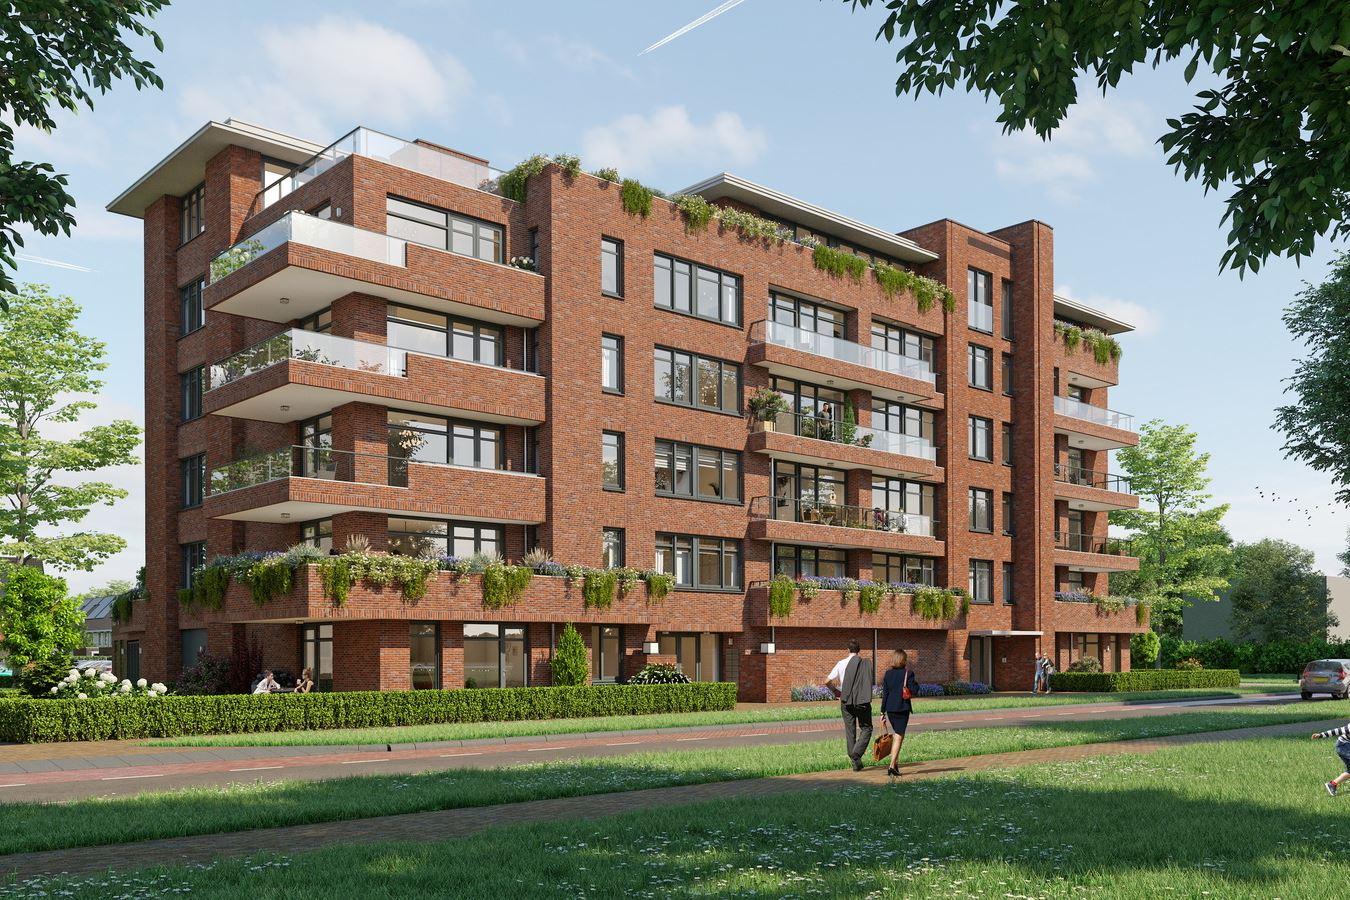 Bekijk foto 4 van Quatrebras Park Quartier II - appartementen (Bouwnr. 7)